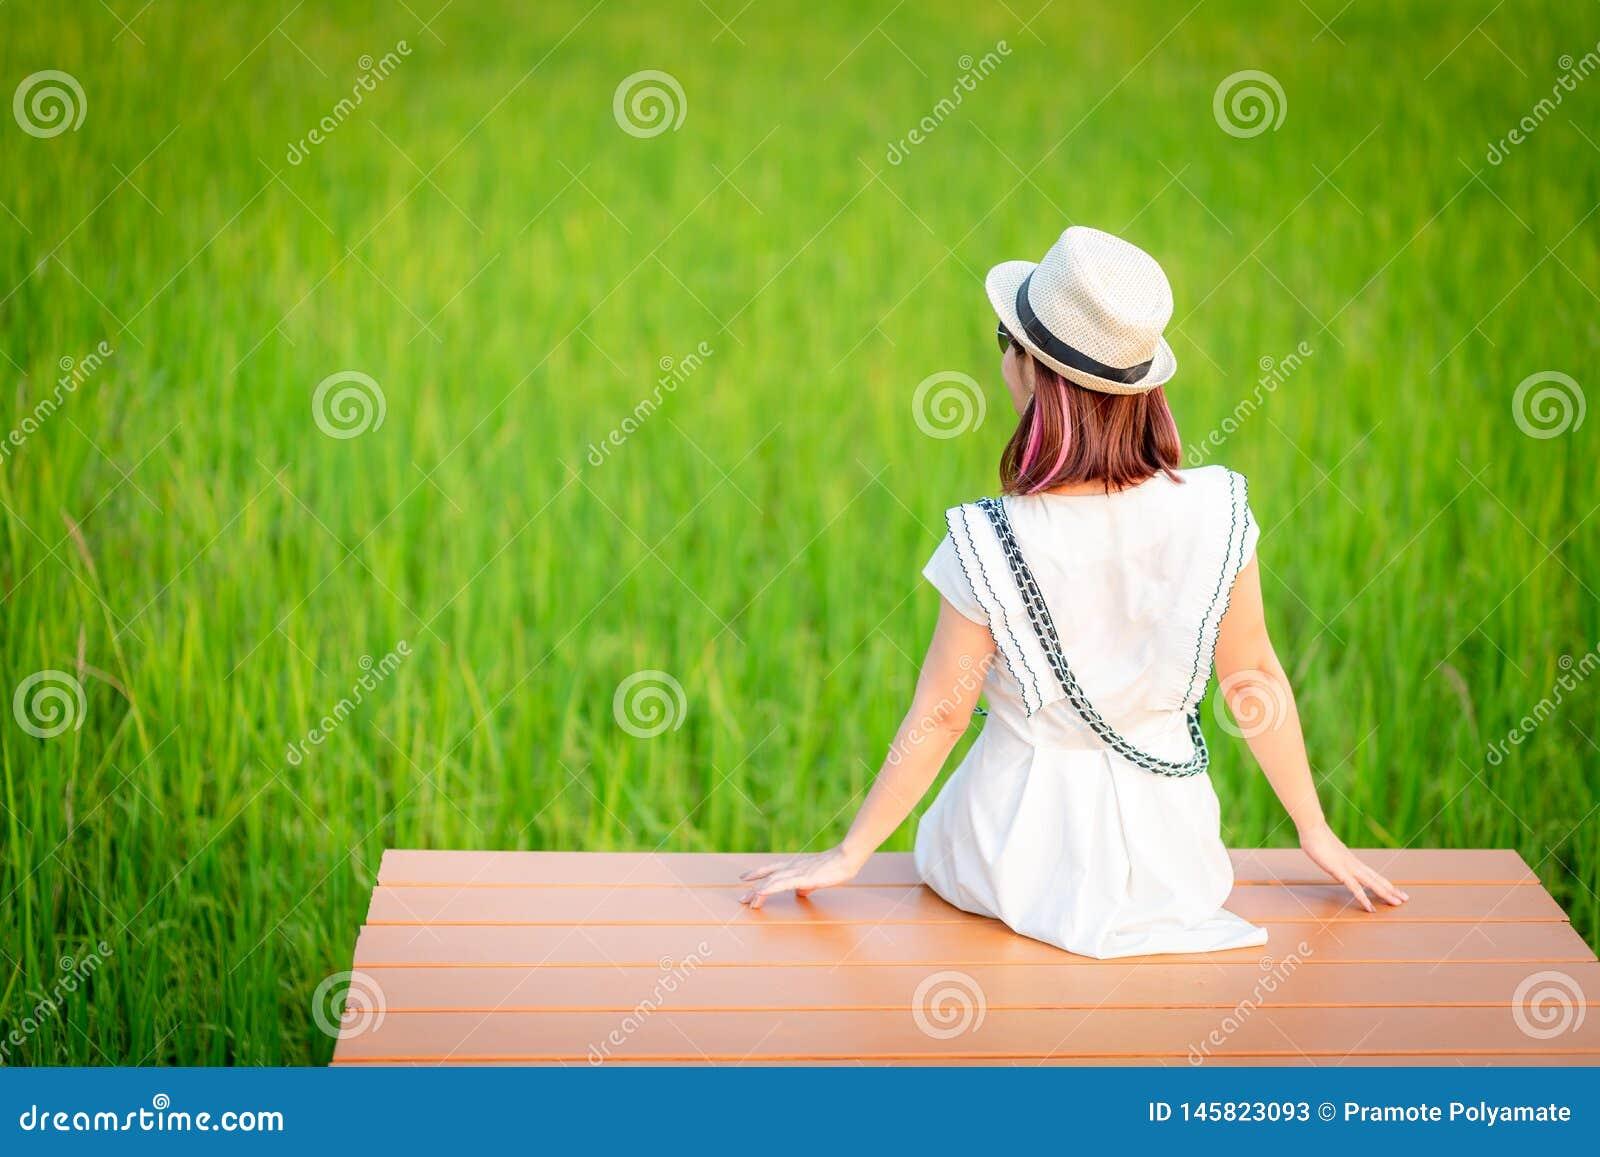 Расслабляющая молодая женщина сидя в природе на древесине, смотрящ зеленые поля, освежая природа, азиатская женщина сидя и